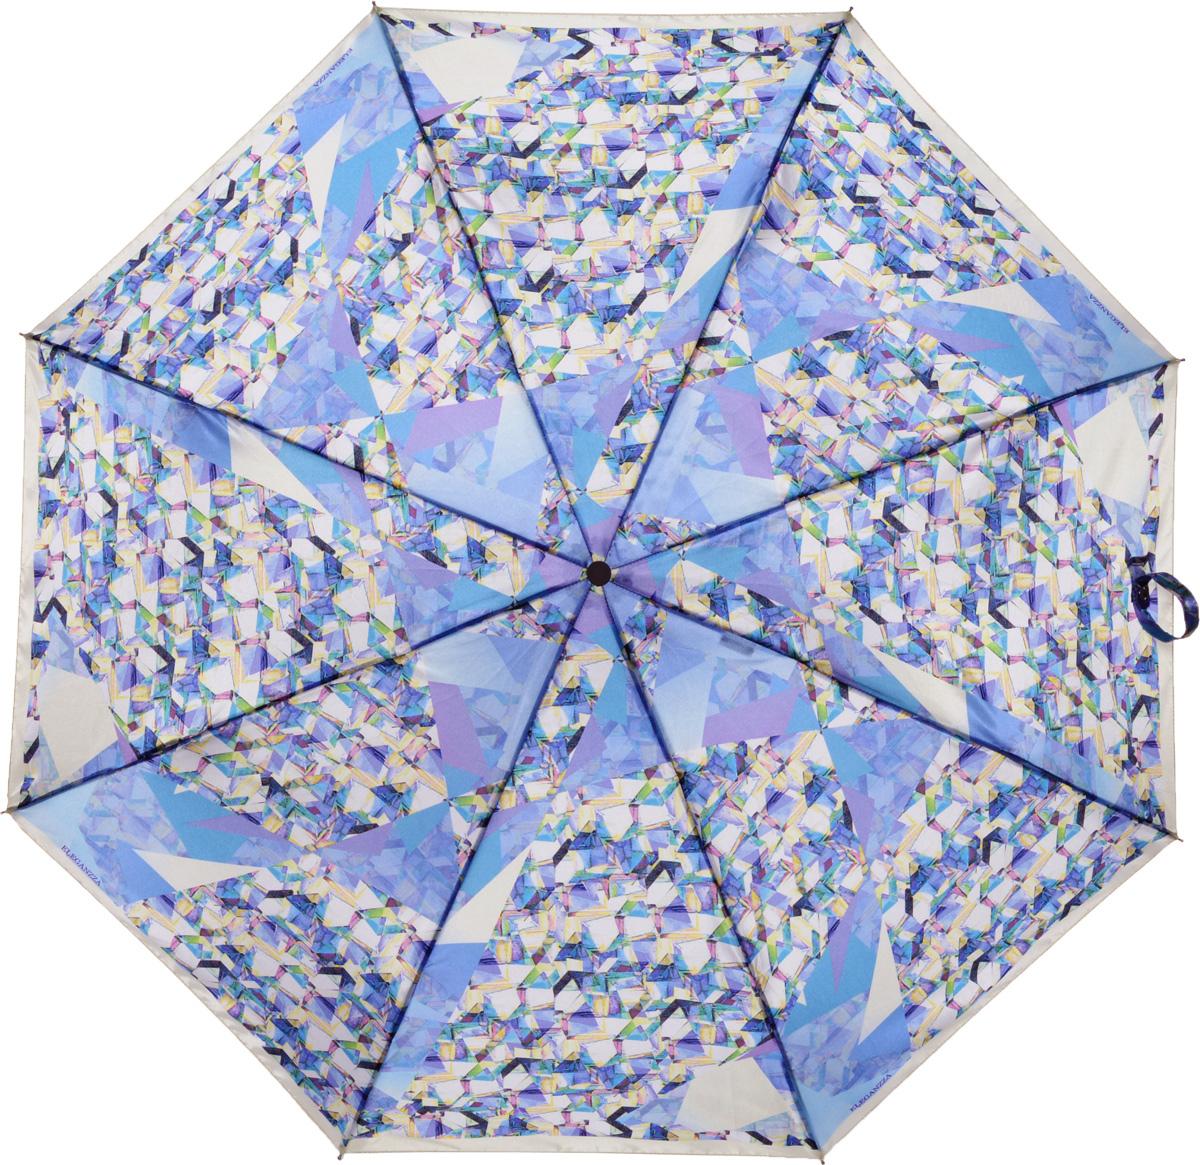 Зонт женский Eleganzza, автомат, 3 сложения, цвет: фиолетовый. A3-05-0300LSA3-05-0300LSЖенский зонт-автомат торговой марки ELEGANZZA с каркасом Smart, который позволяет без особых усилий складывать зонт, не позволяя стержню вылетать обратно. Купол: 100% полиэстер, сатин. Материал каркаса: сталь + алюминий + фибергласс. Материал ручки: пластик. Длина изделия - 30 см. Диаметр купола - 105 см. Система Smart, не позволяет стержню при сложении вылететь обратно, это облегчает сложение зонта! При сложении есть характерный звук-треск, как трещетка. Примечание: зонт не откроется с кнопки если его не закрыть до щелчка!